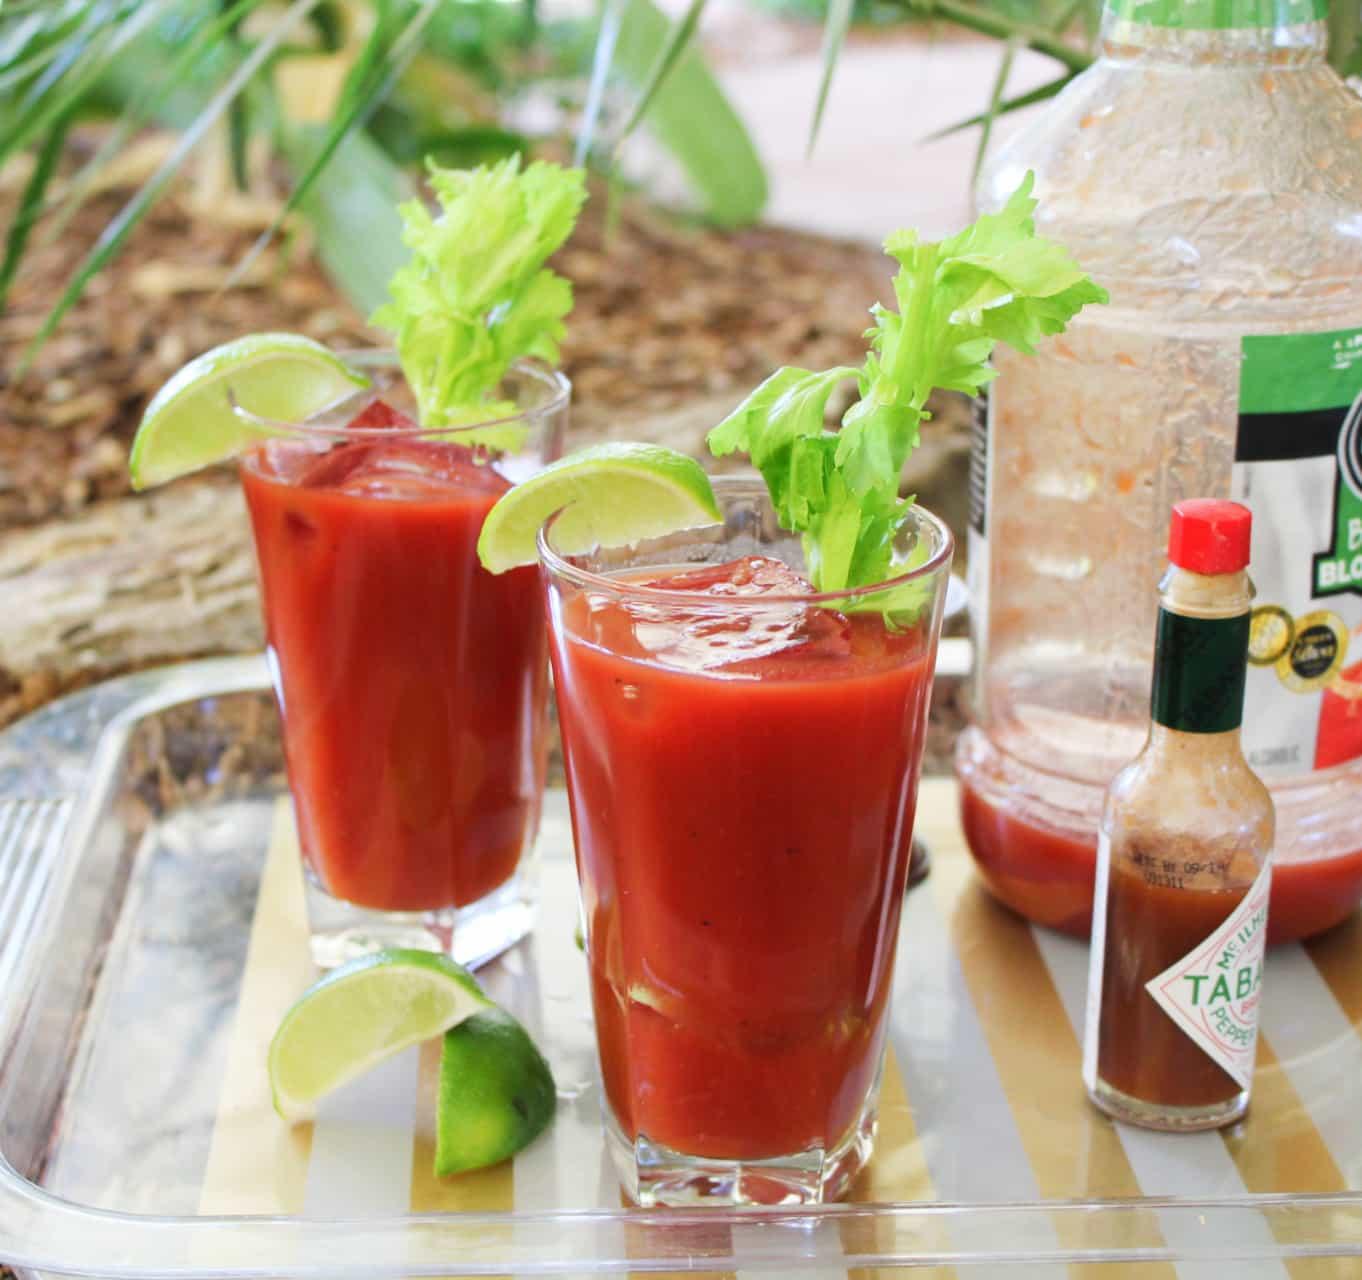 Bloody Mary mit Tabasco Soße und einer Scheibe Limette